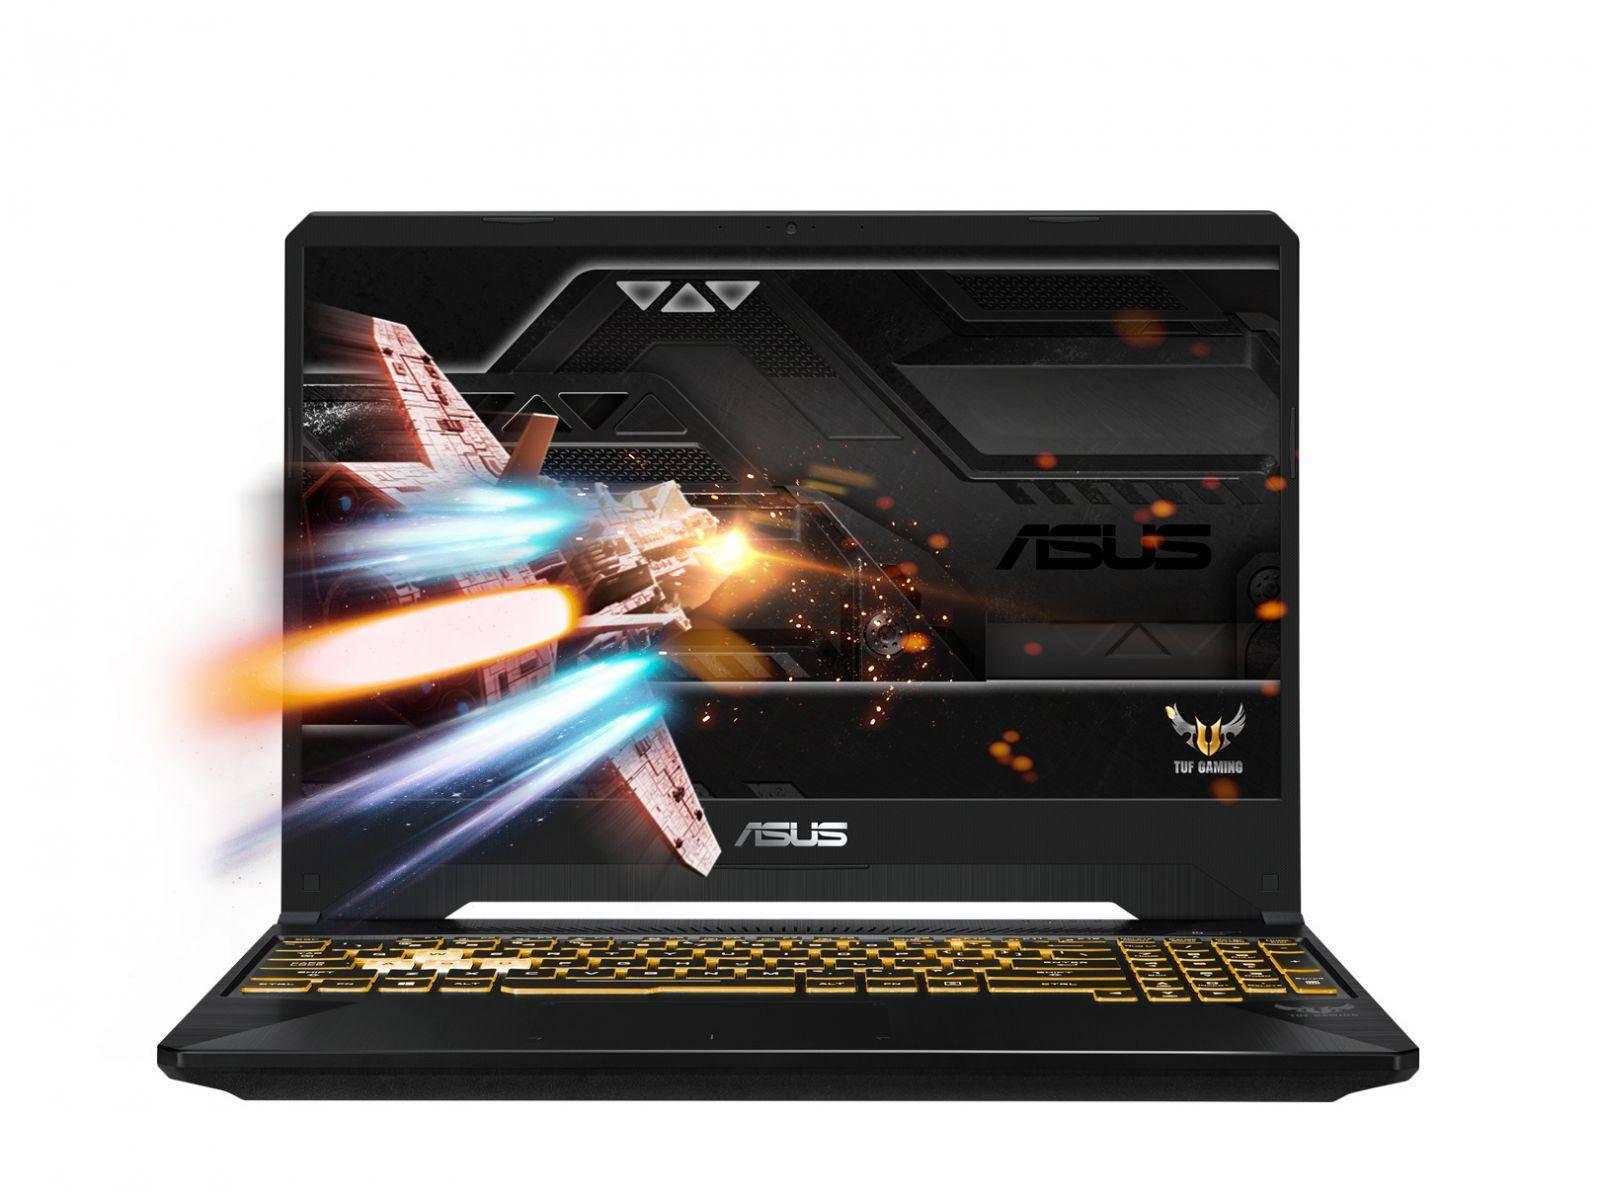 Laptop, ¿Qué elementos debes considerar? 6